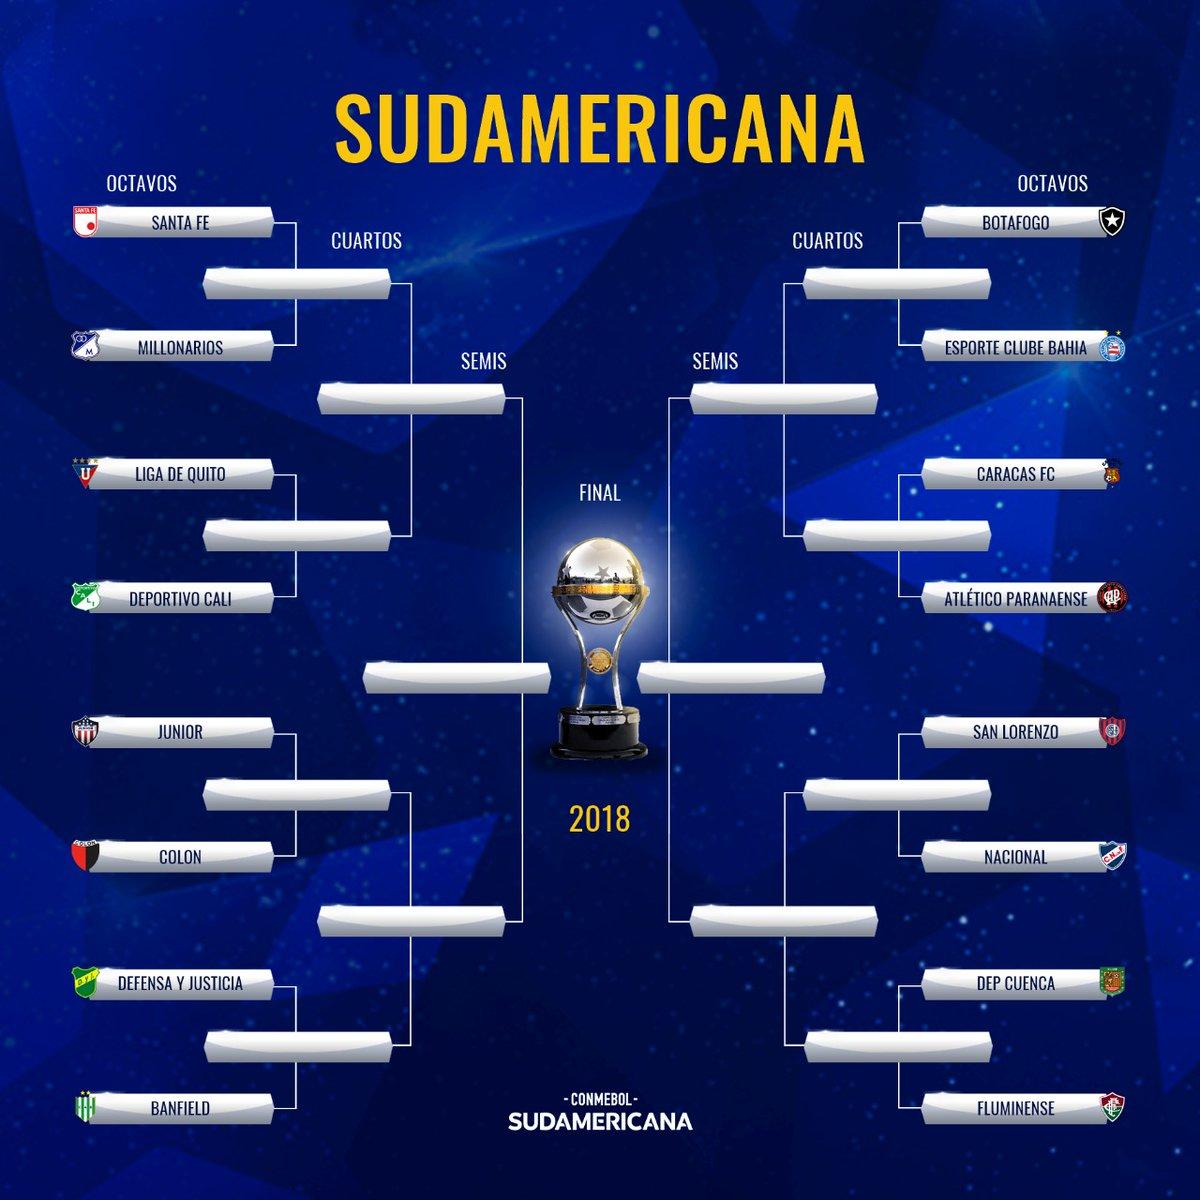 Copa Sudamericana 2018 Octavos de Final